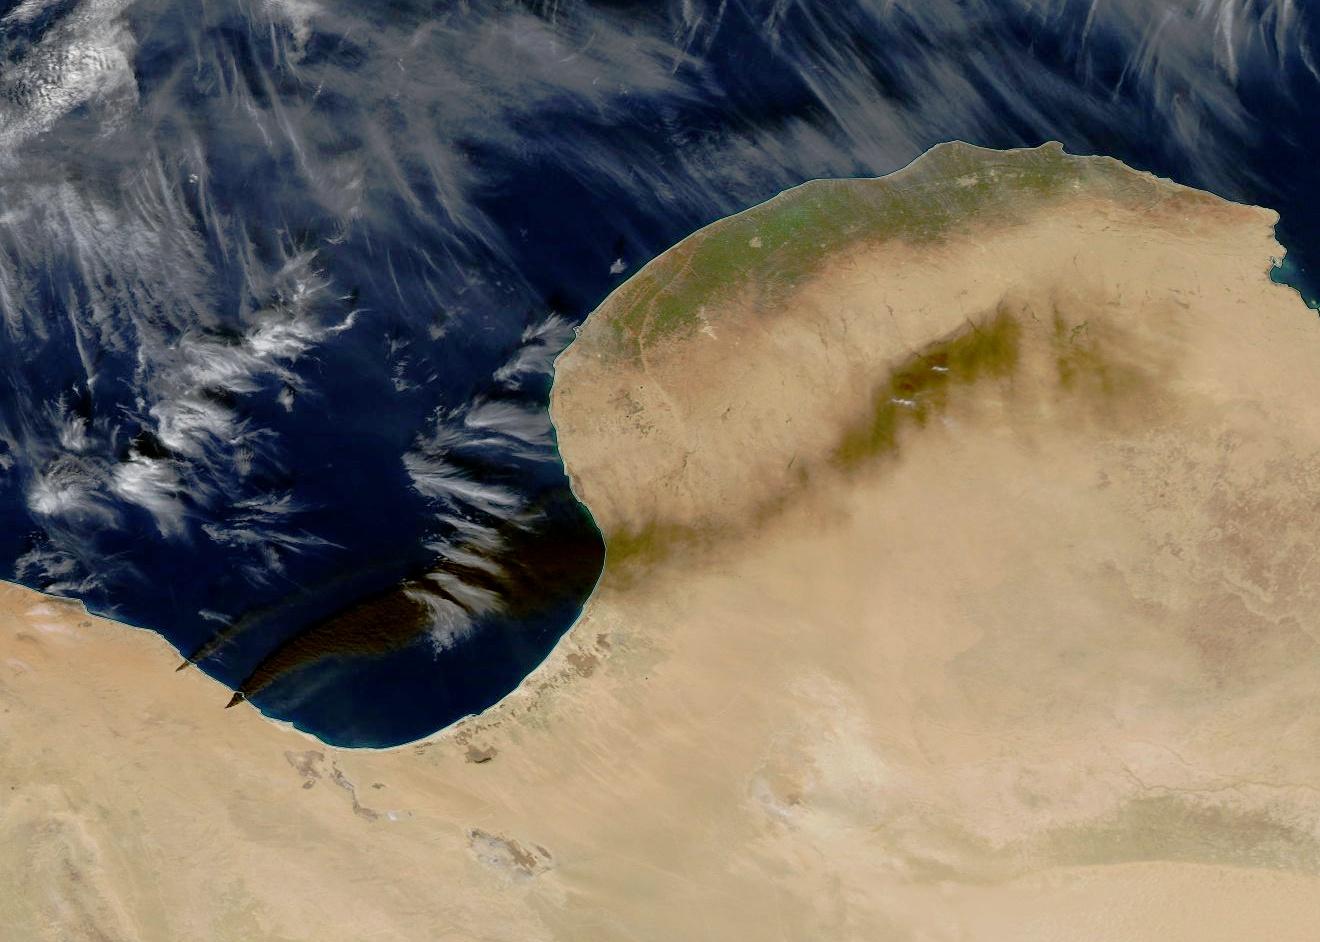 Libye - état islamique - EI - incendie - feux - terminaux pétroliers - Cuves stockage pétrole - Janvier 2016 - Satellite MODIS - Aqua